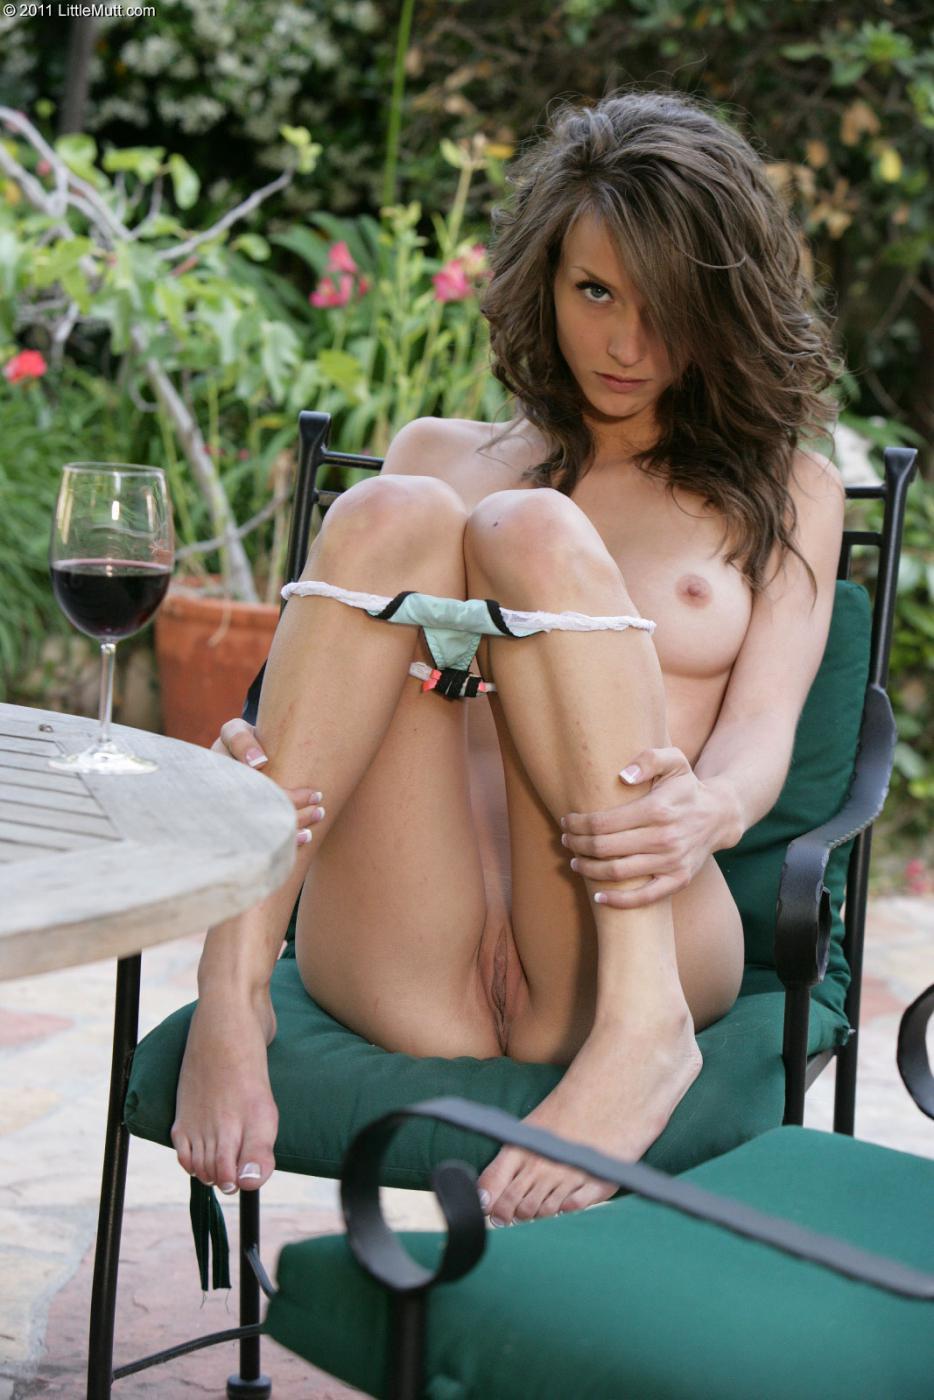 Малышка брюнетка с ухоженной писей Малена Морган снимается полностью обнаженной на заднем дворике